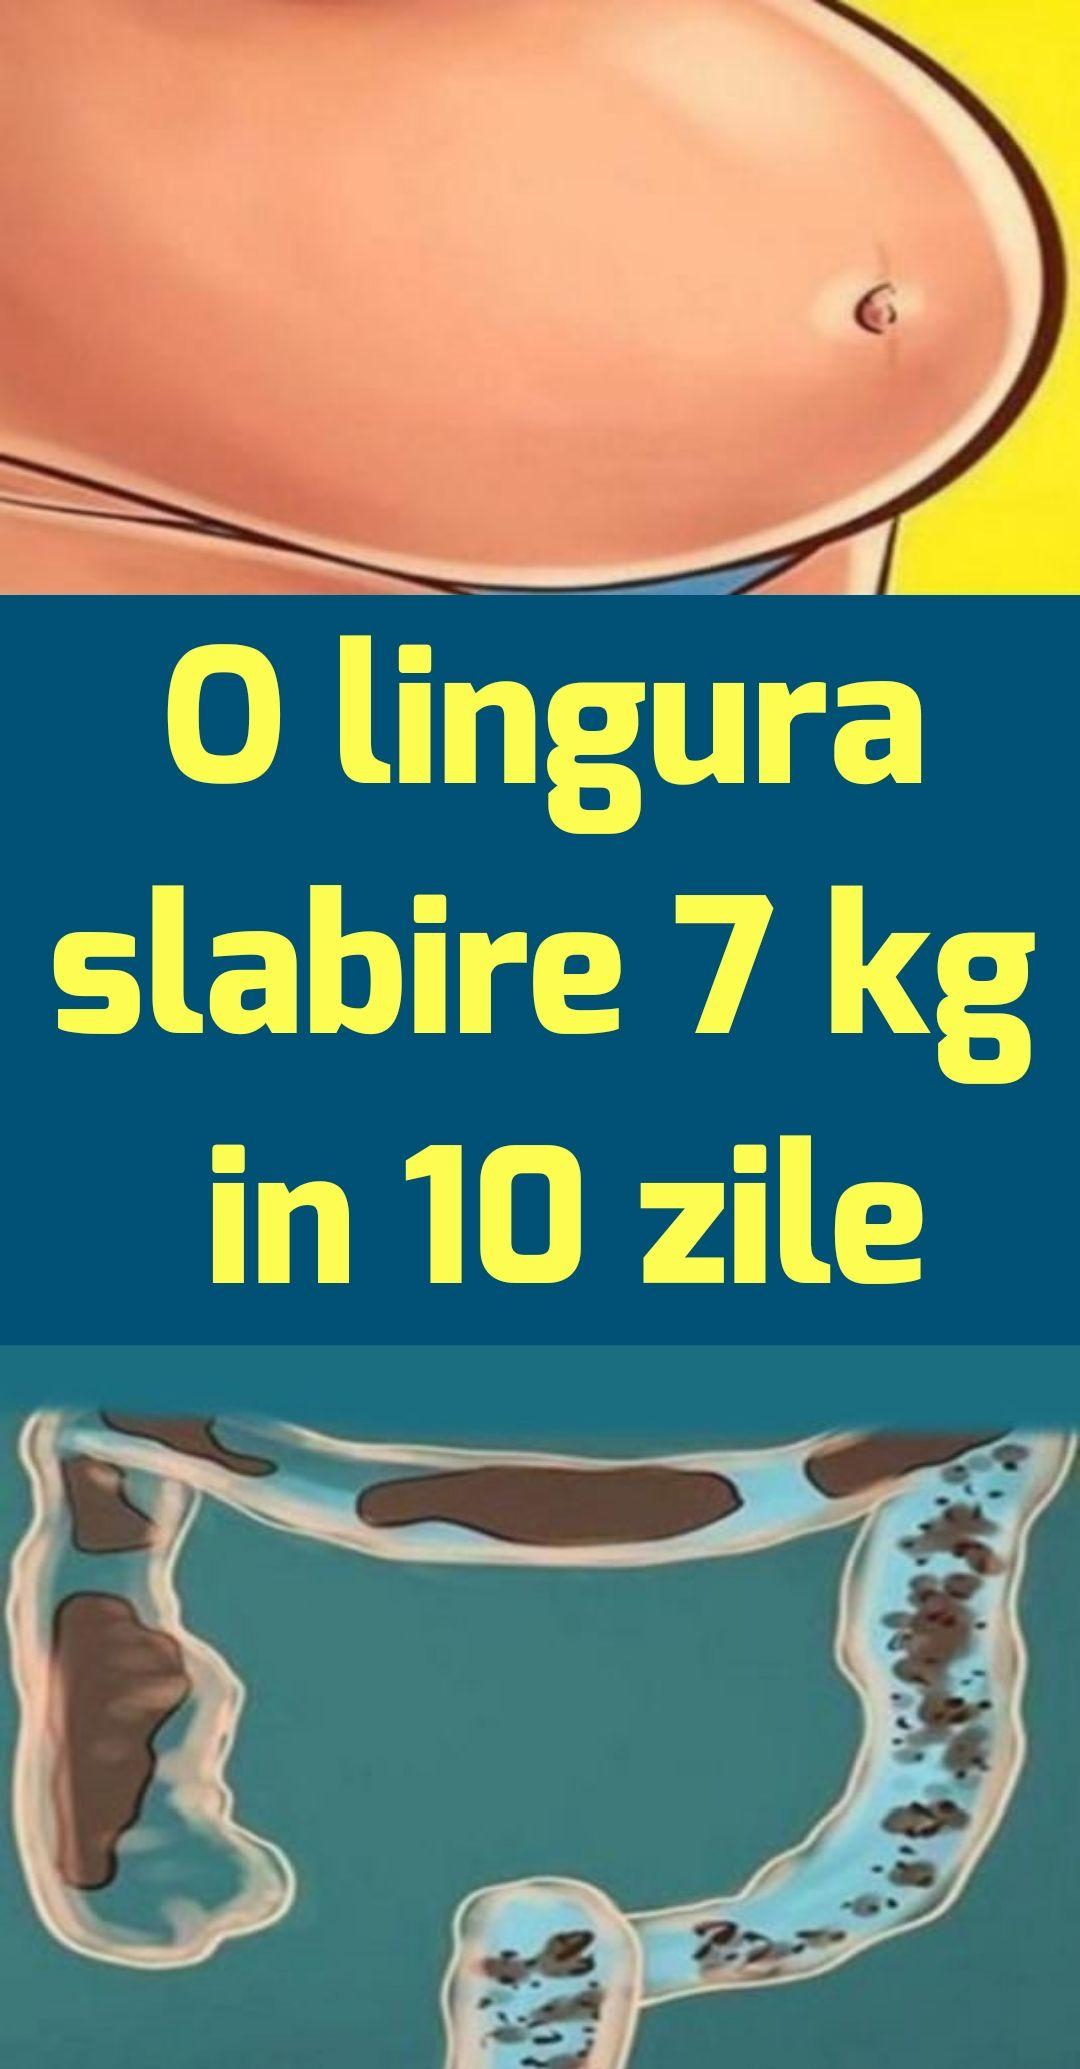 10 kg pierdere în greutate 30 de zile